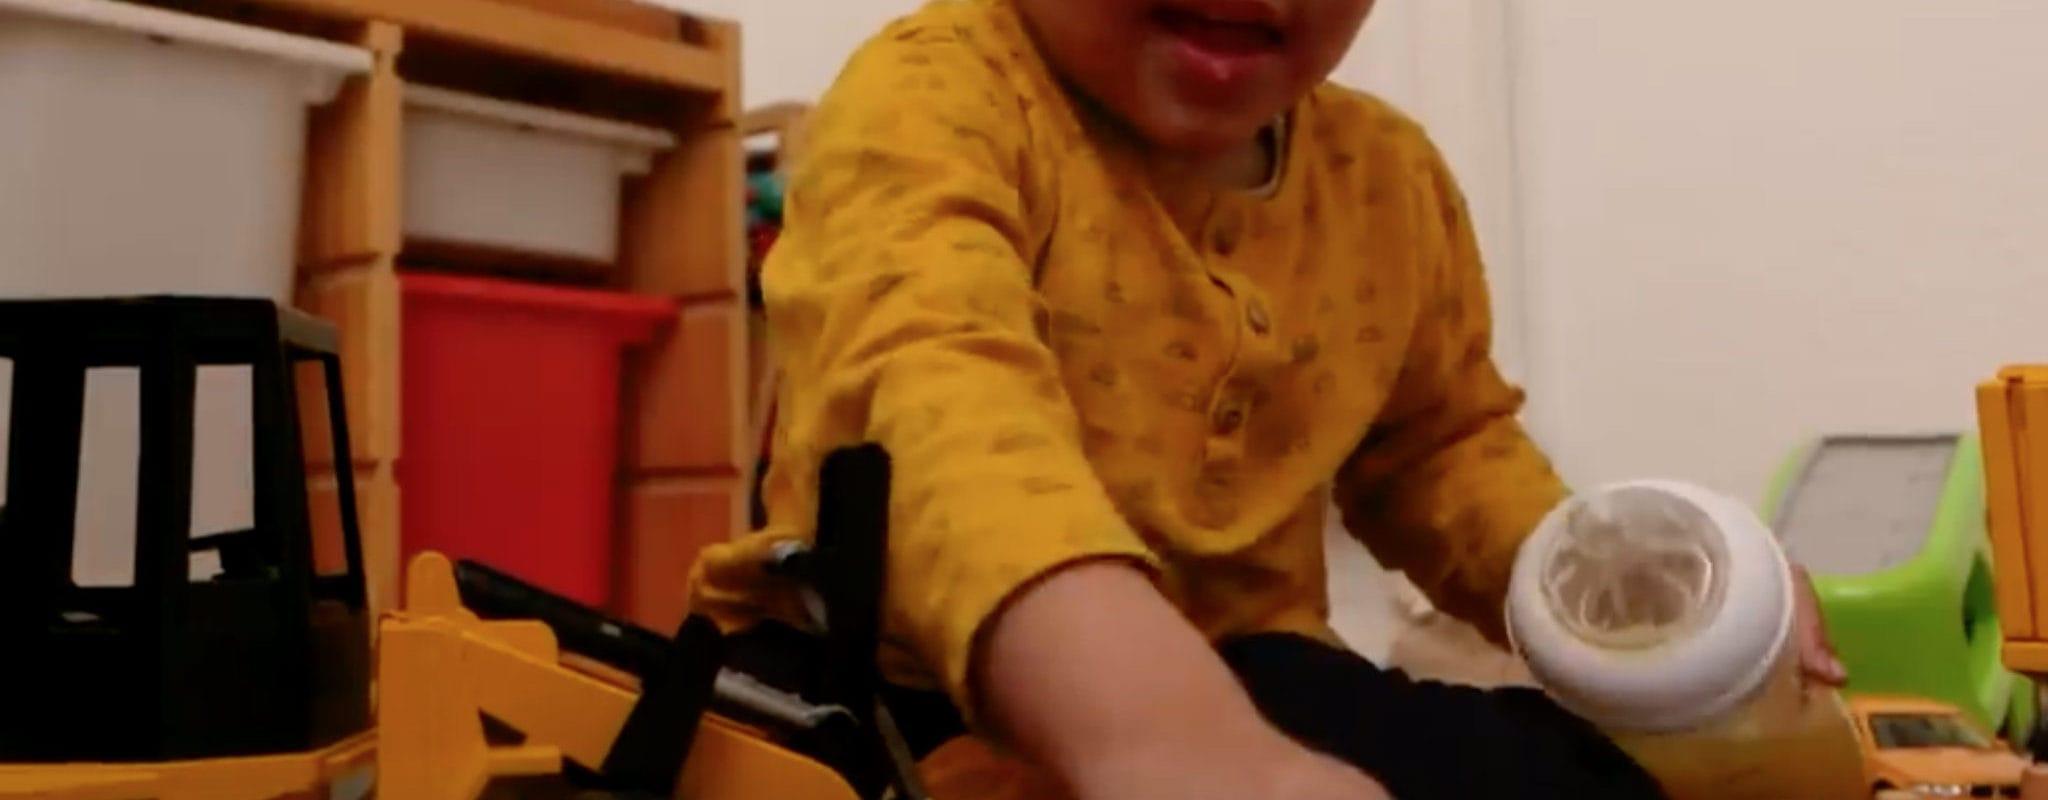 Syndrome du bébé secoué : les critères médicaux contestés et des erreurs judiciaires avérées